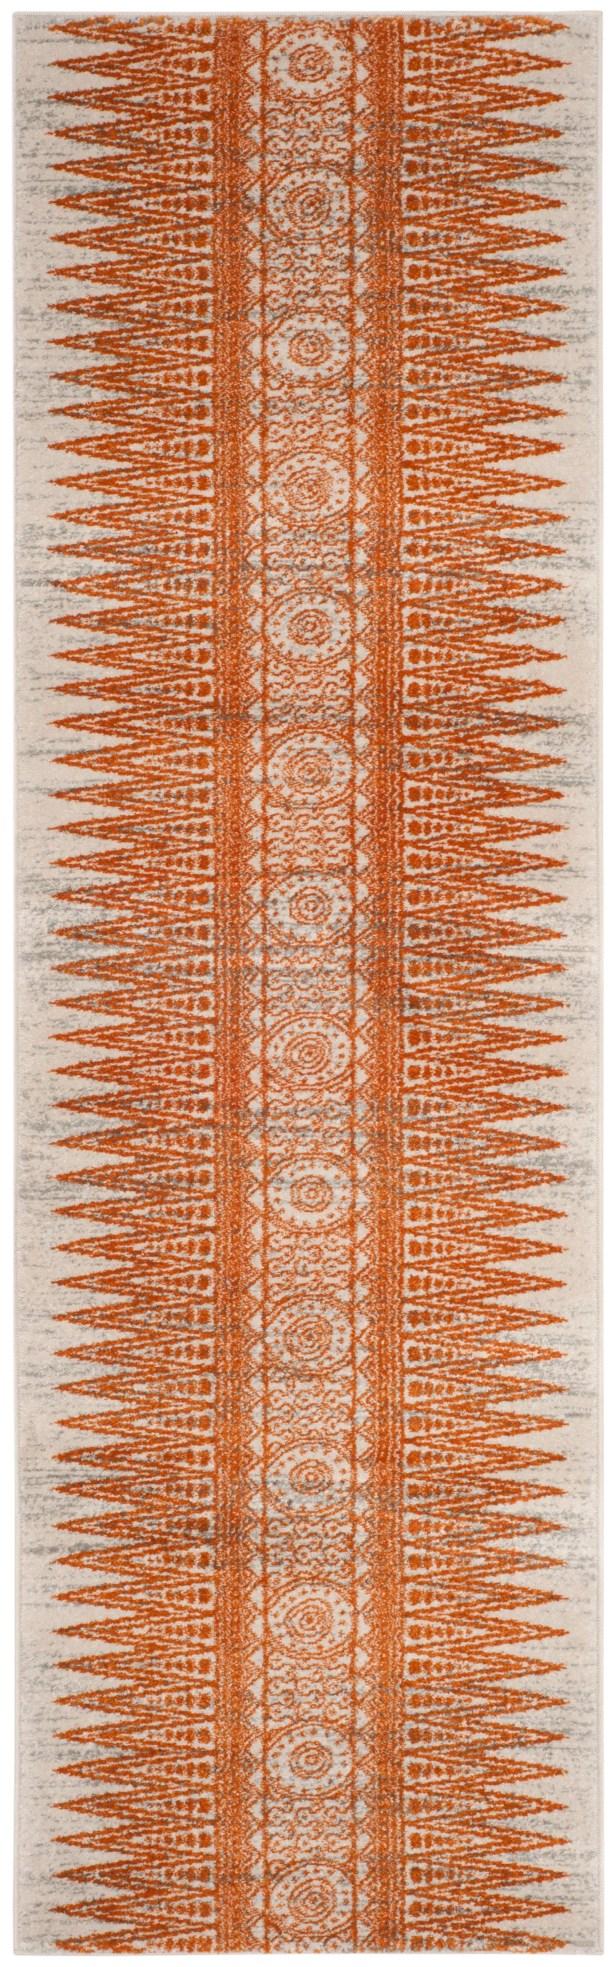 Elson Ivory/Orange Area Rug Rug Size: Runner 2'2